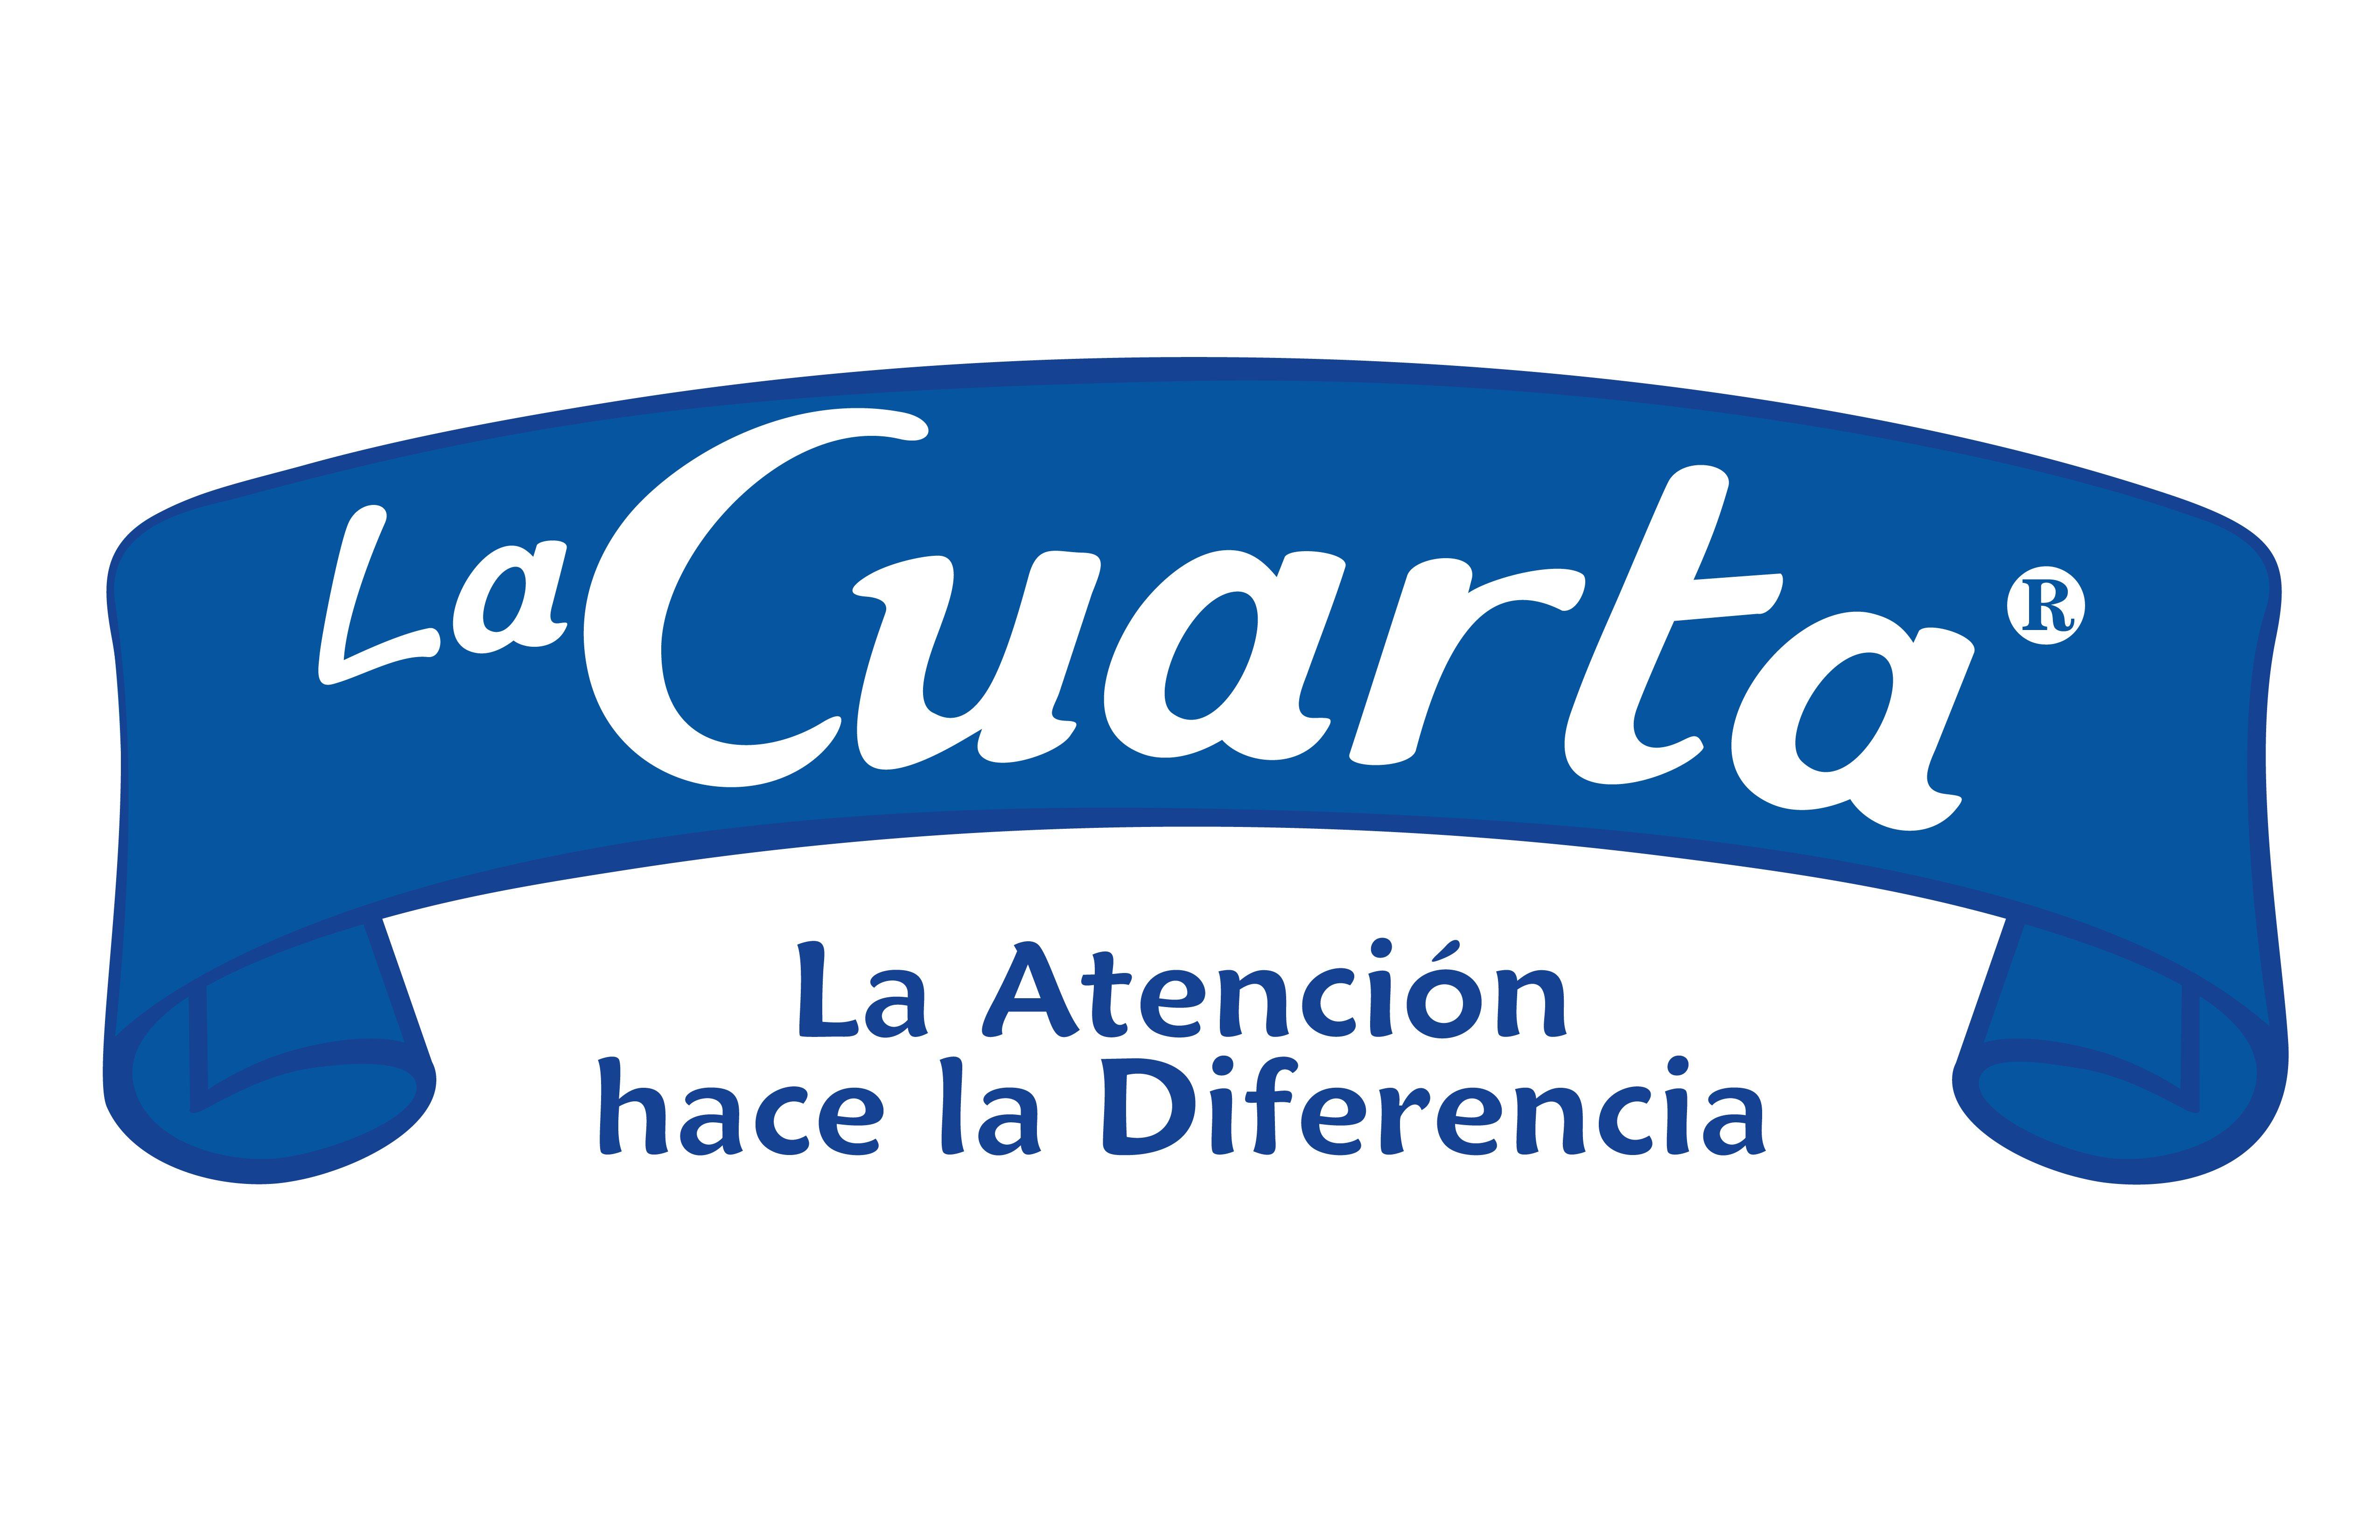 Trabajos de La Cuarta SA de CV Auxiliar de Audit... Computrabajo México